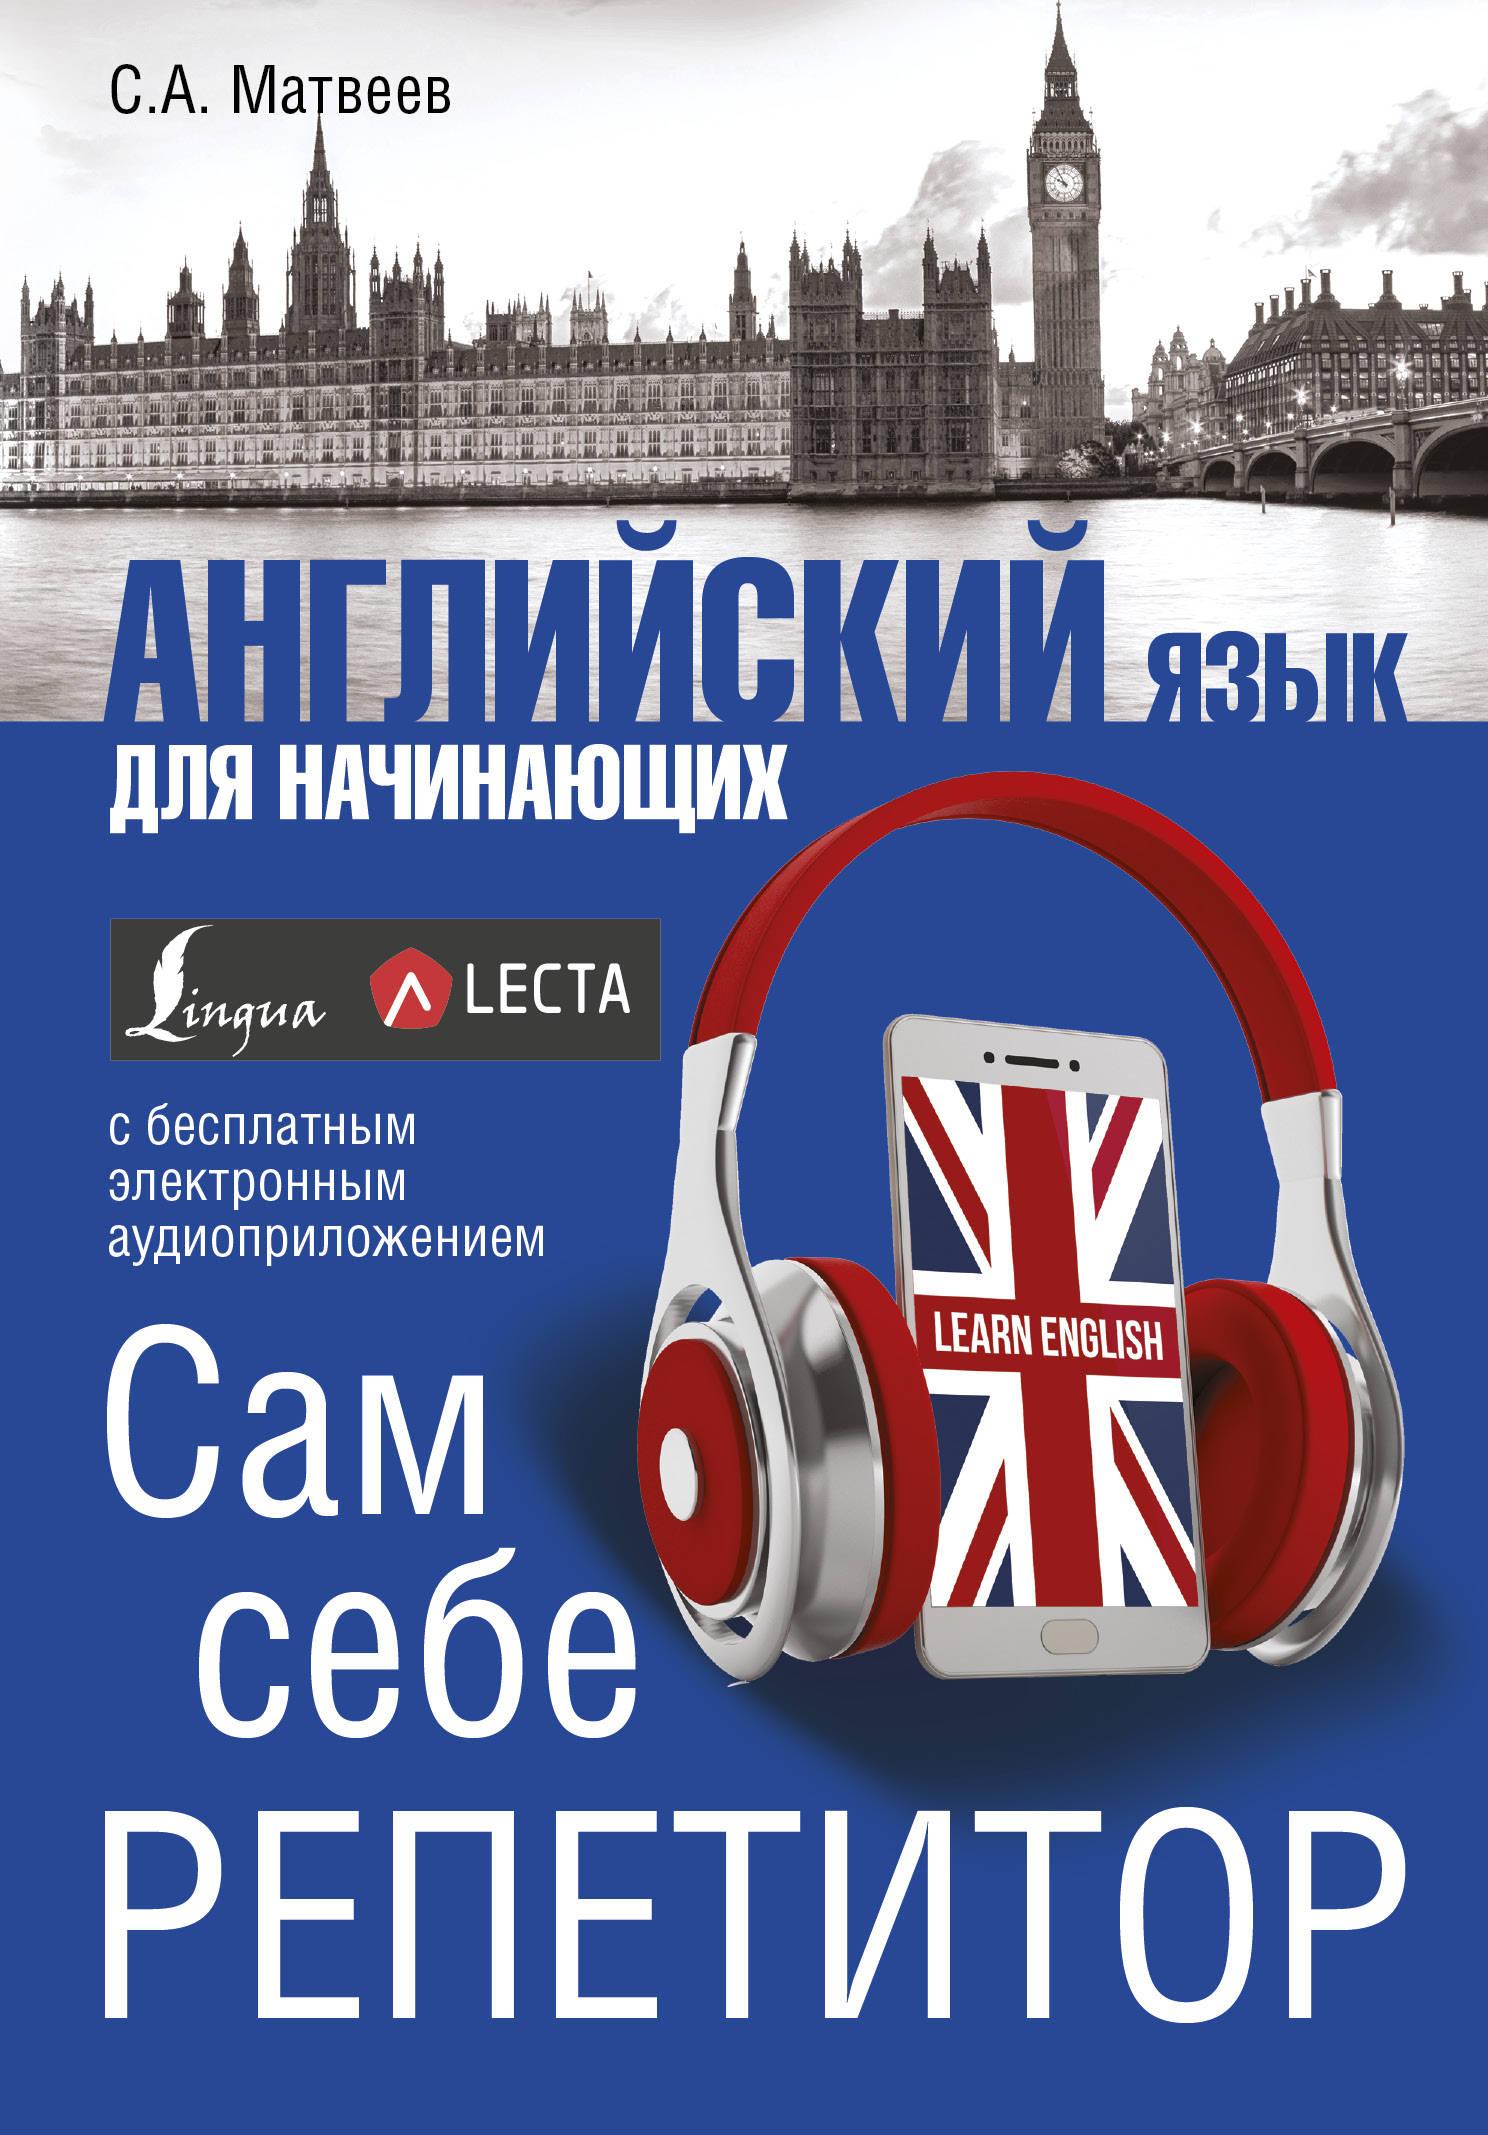 С. А. Матвеев Английский язык для начинающих (+ аудиоприложение Lecta)